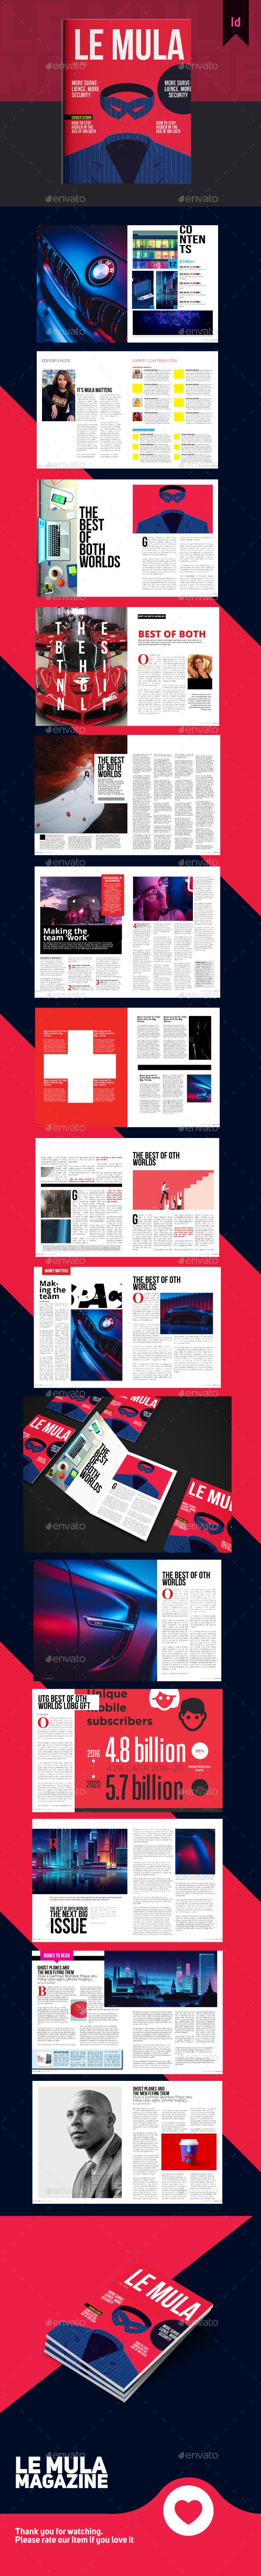 GraphicRiver Le Mula Finance Magazine Template 20843714